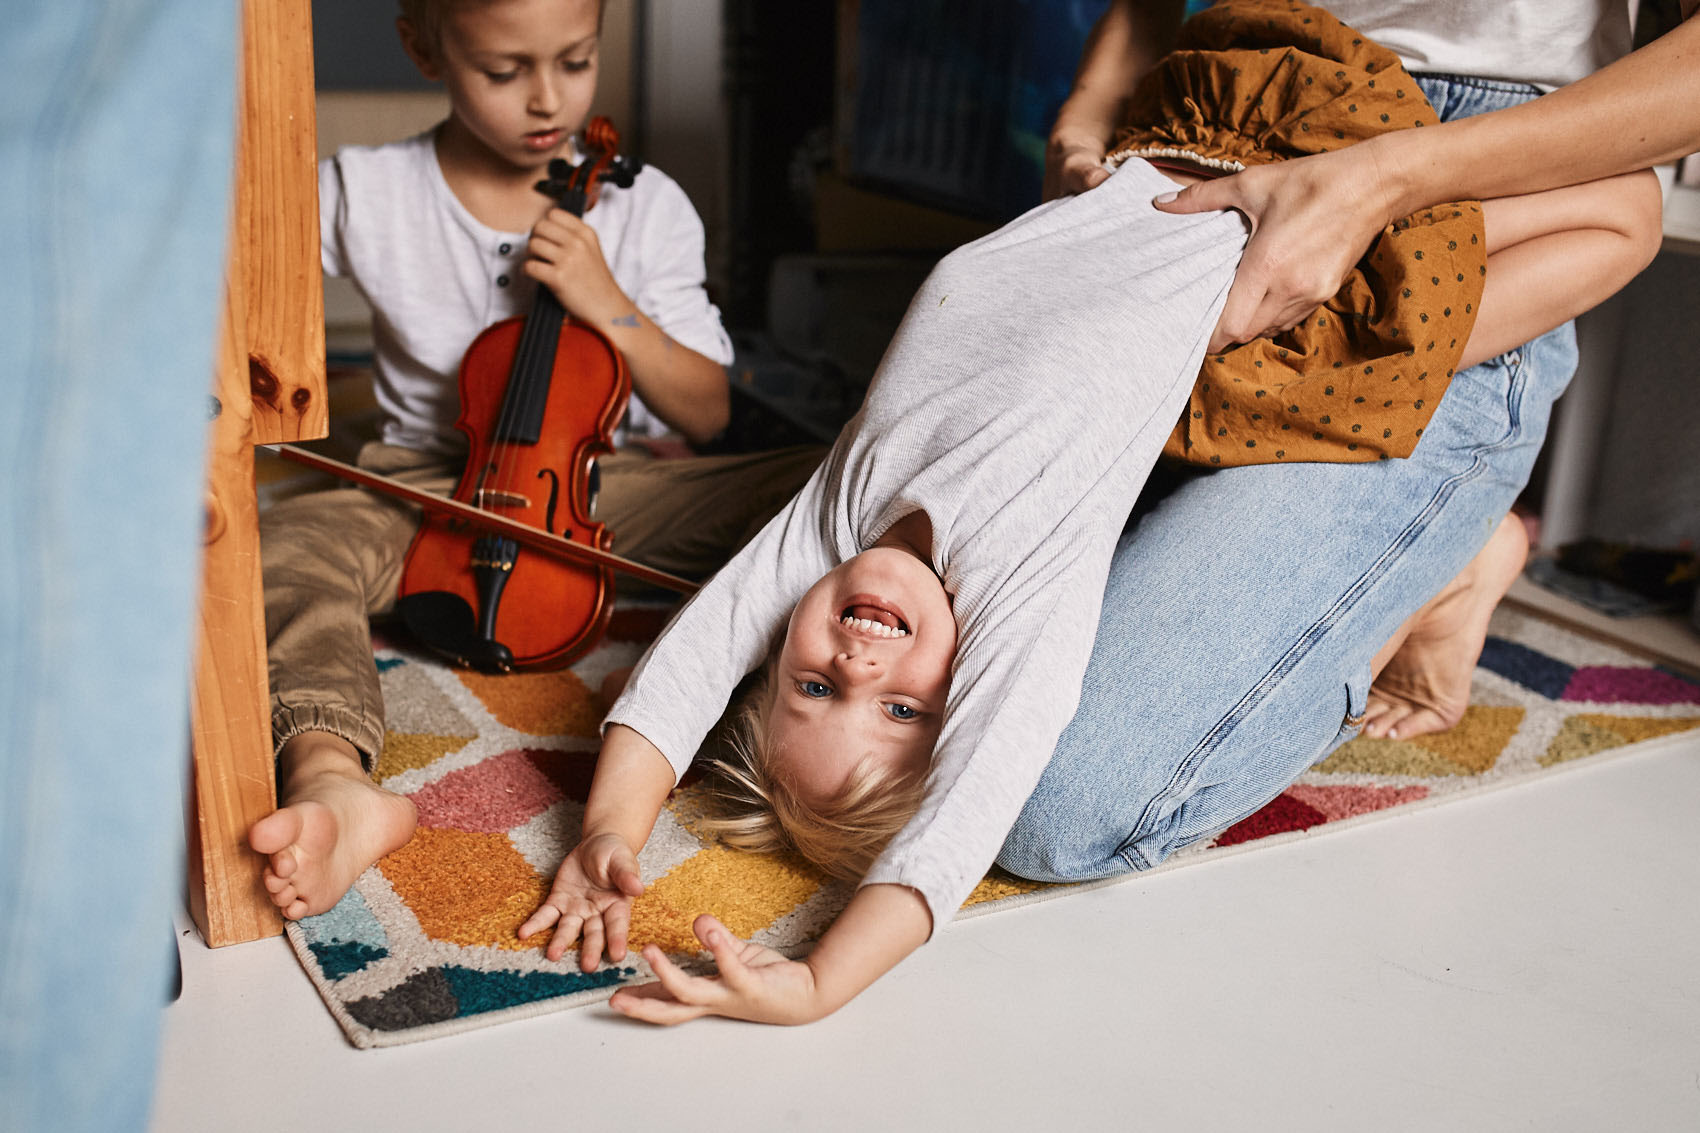 emocjonalne sesje rodzinne w domu warszawa